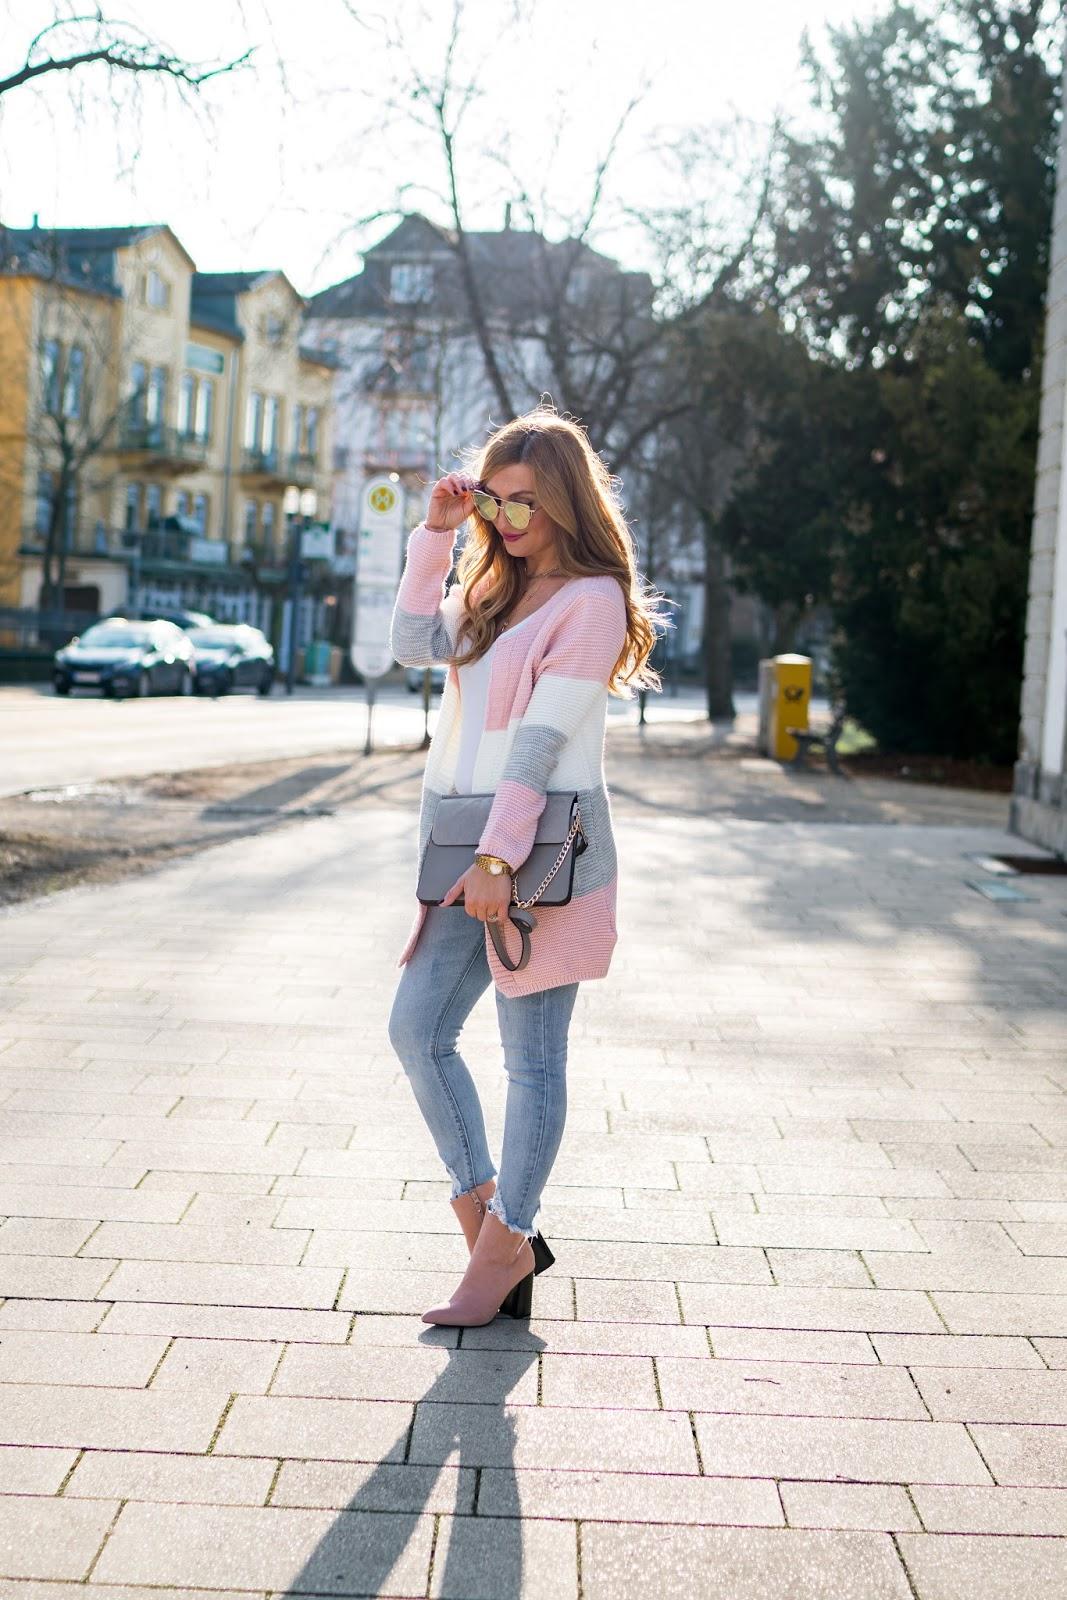 Strick-strick-pullover-pastell-töne-trend-im-frühling-was-ist-aktuell-im-trand-chloe-tasche-fashionstylebyjohanna-blogger-aus-frankfurt